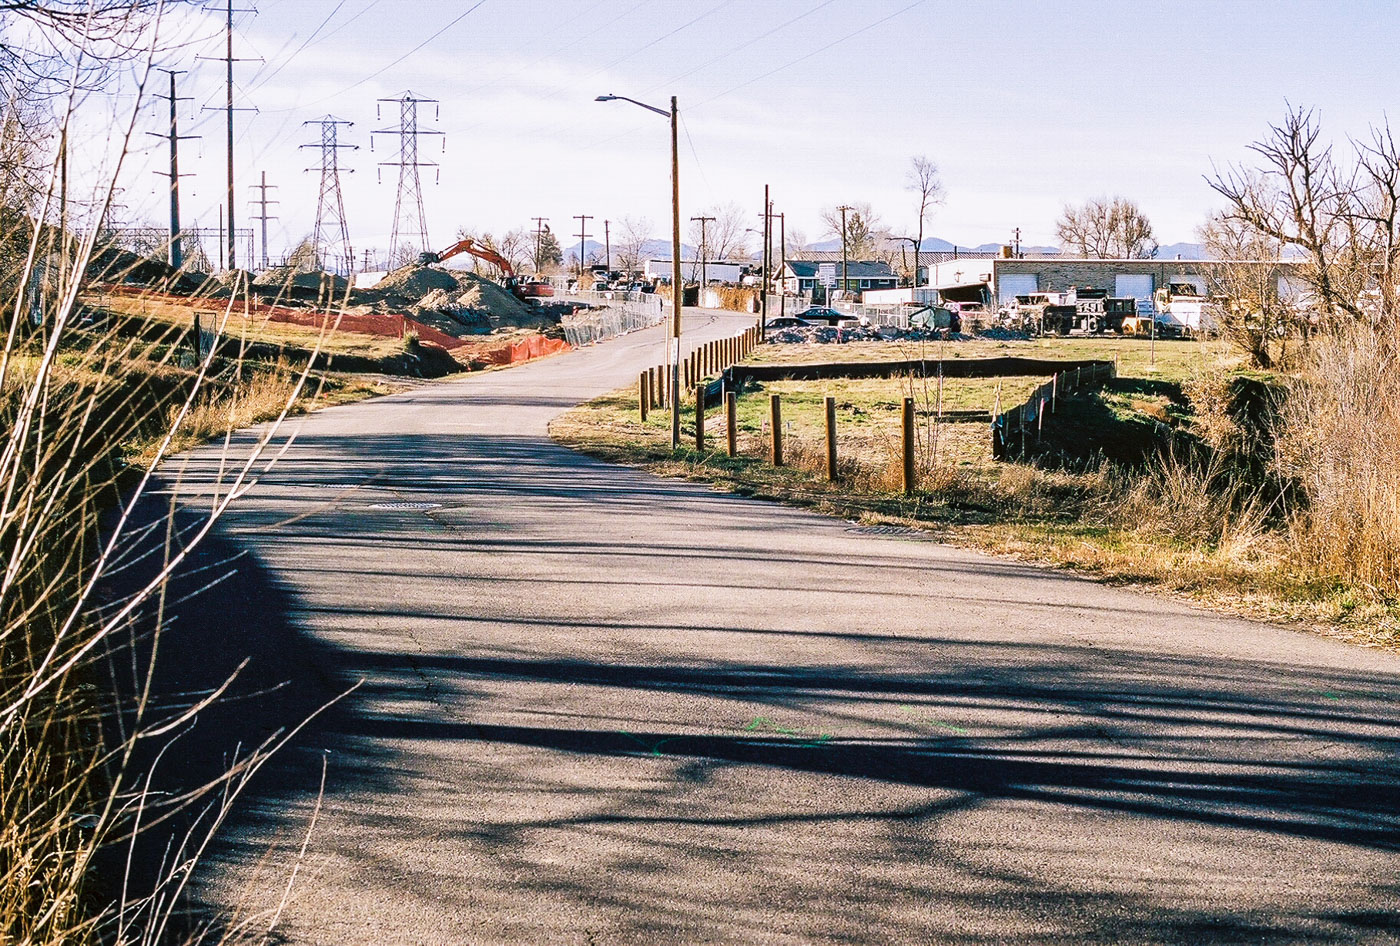 Portra-Nov-21-2017-test-photos-019.jpg